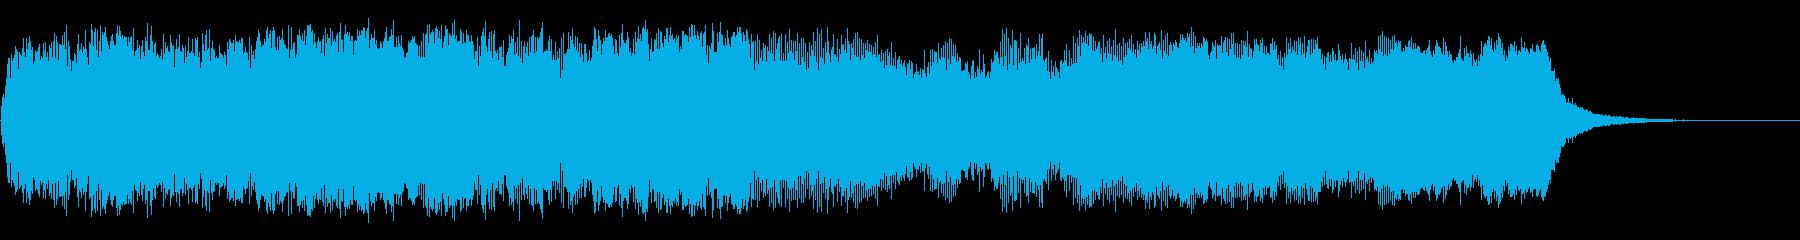 RPGオープニングオーケストラの再生済みの波形